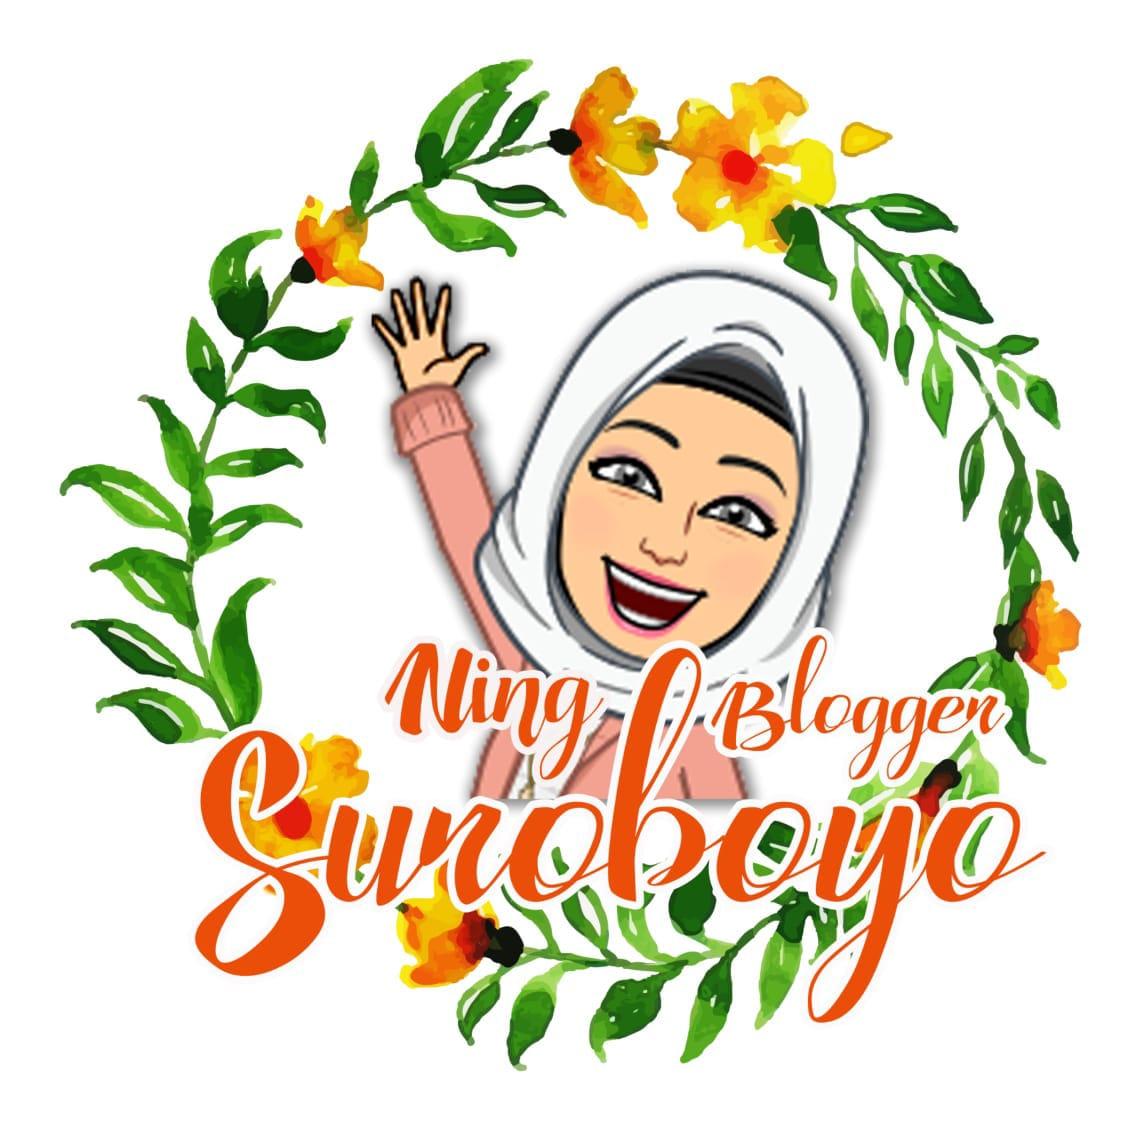 Ning Blogger Suroboyo